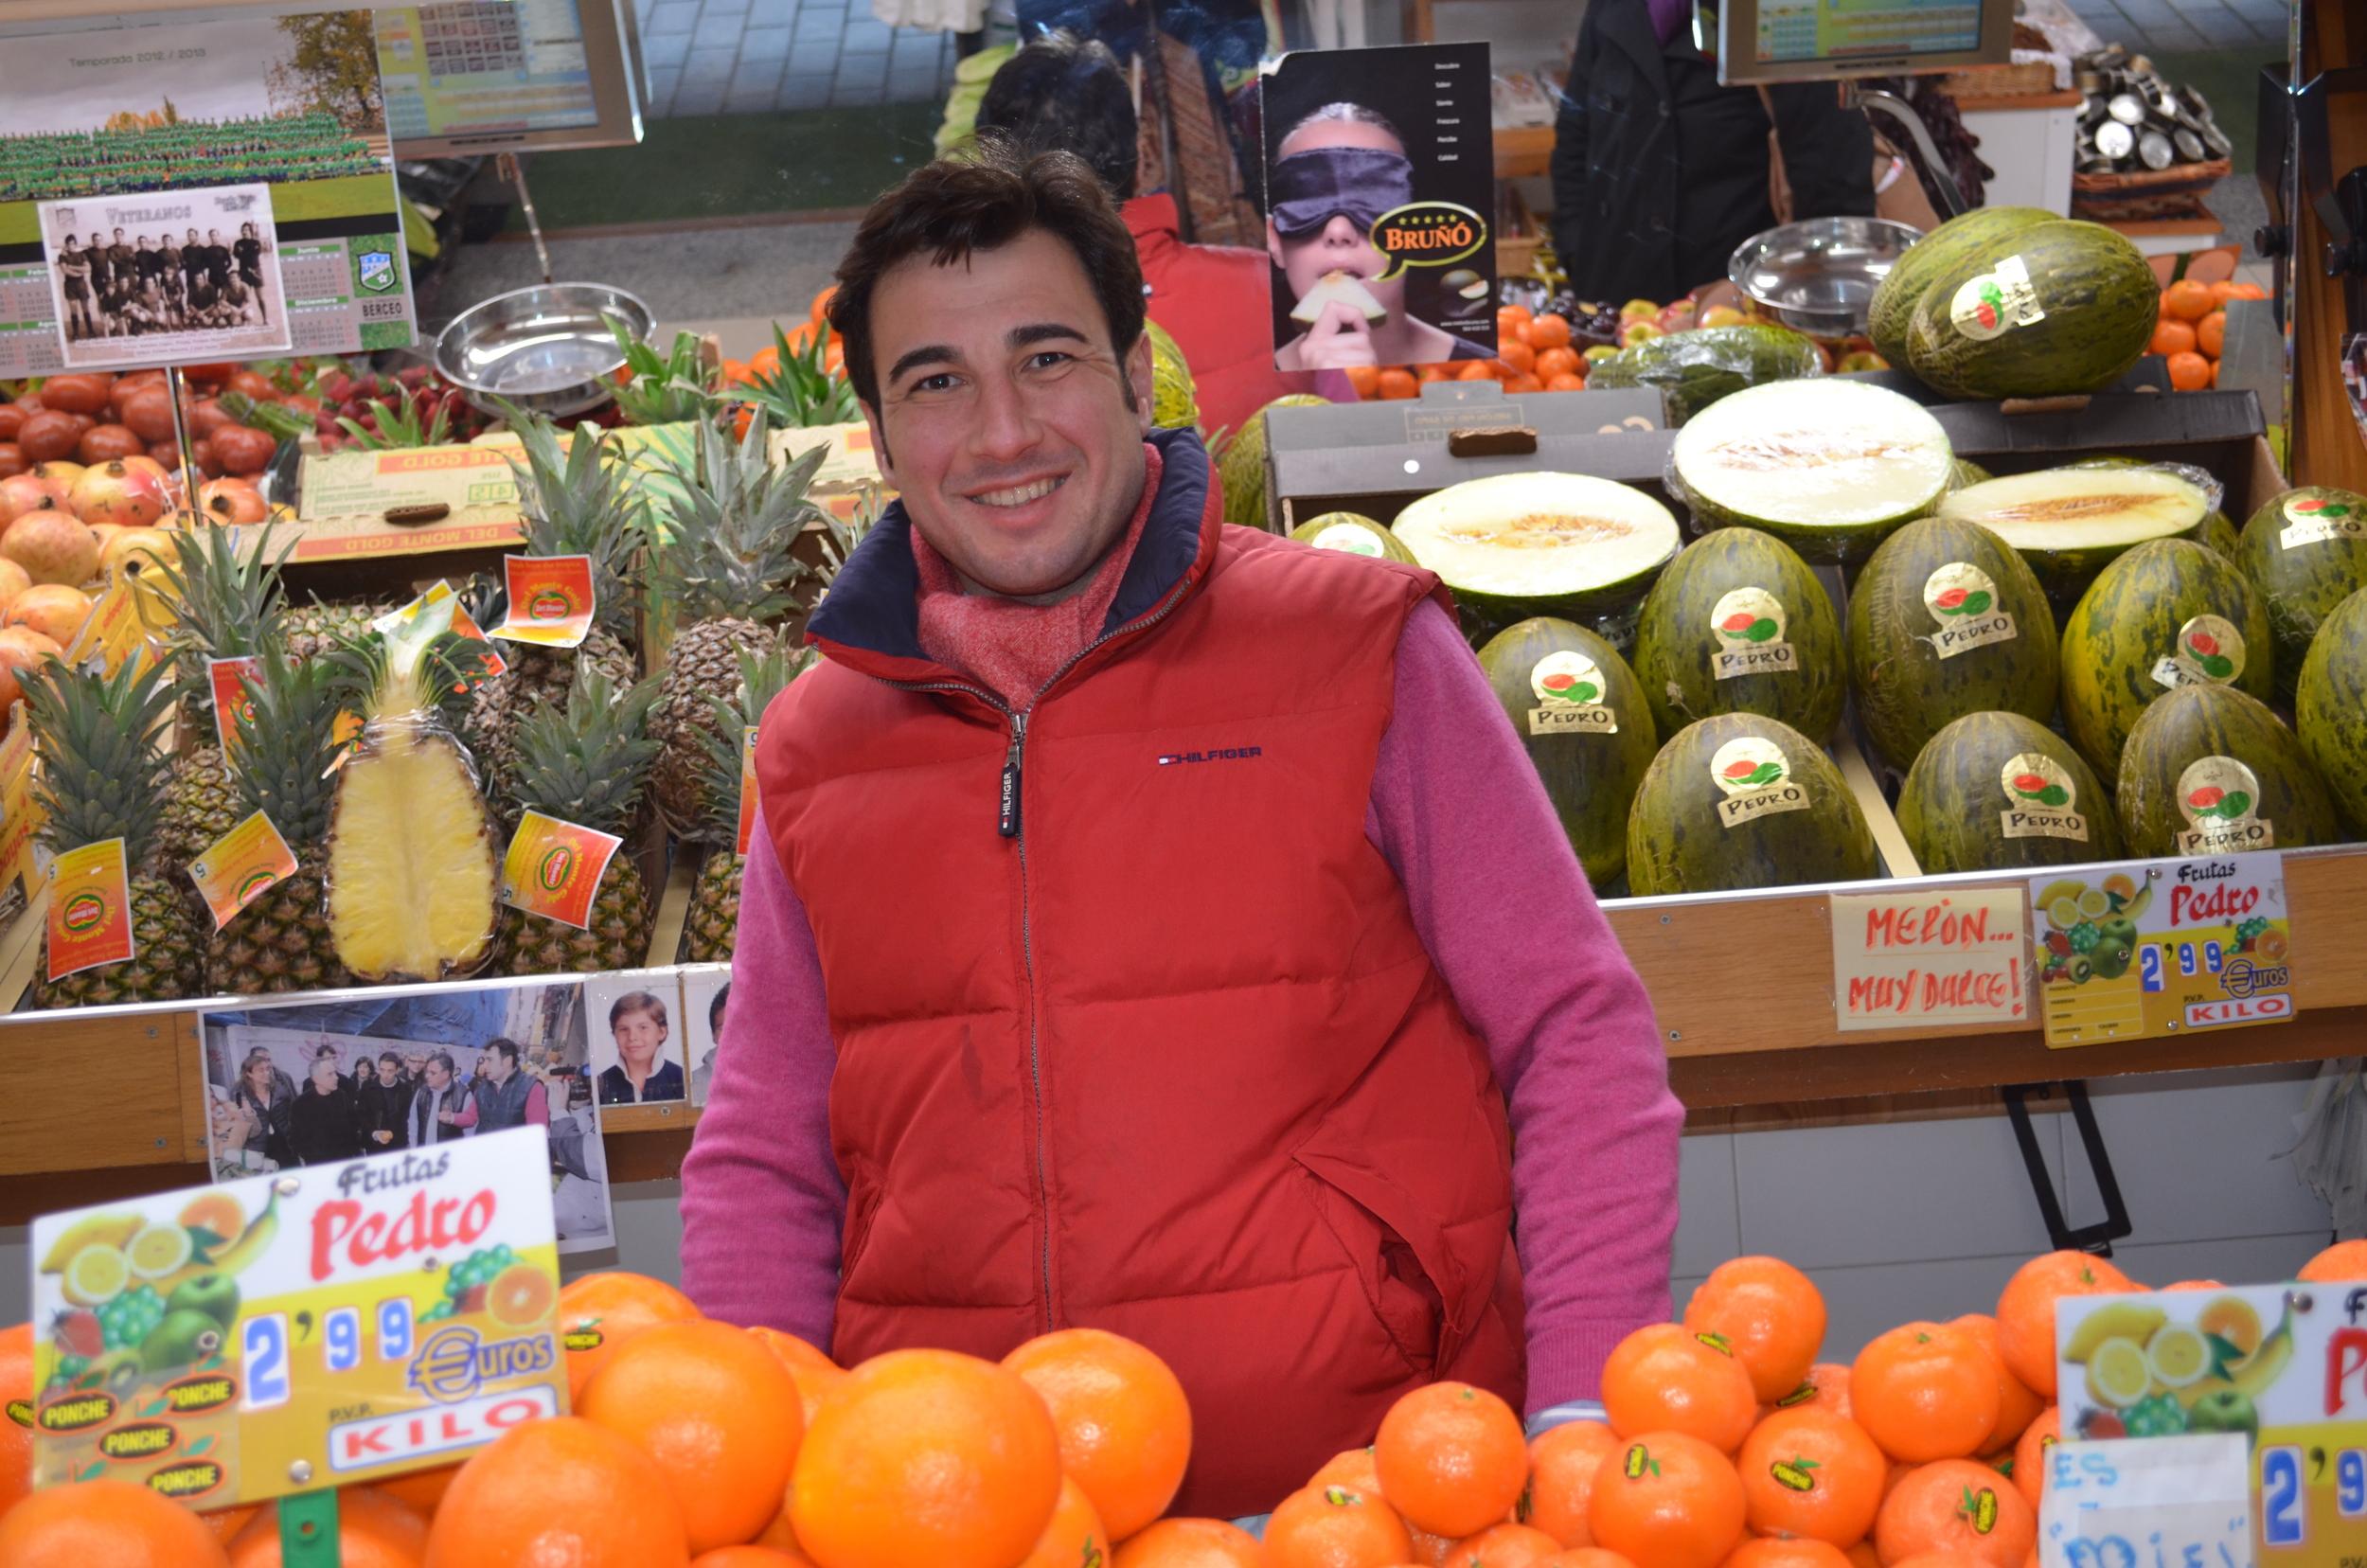 Pedro of Frutas Pedro